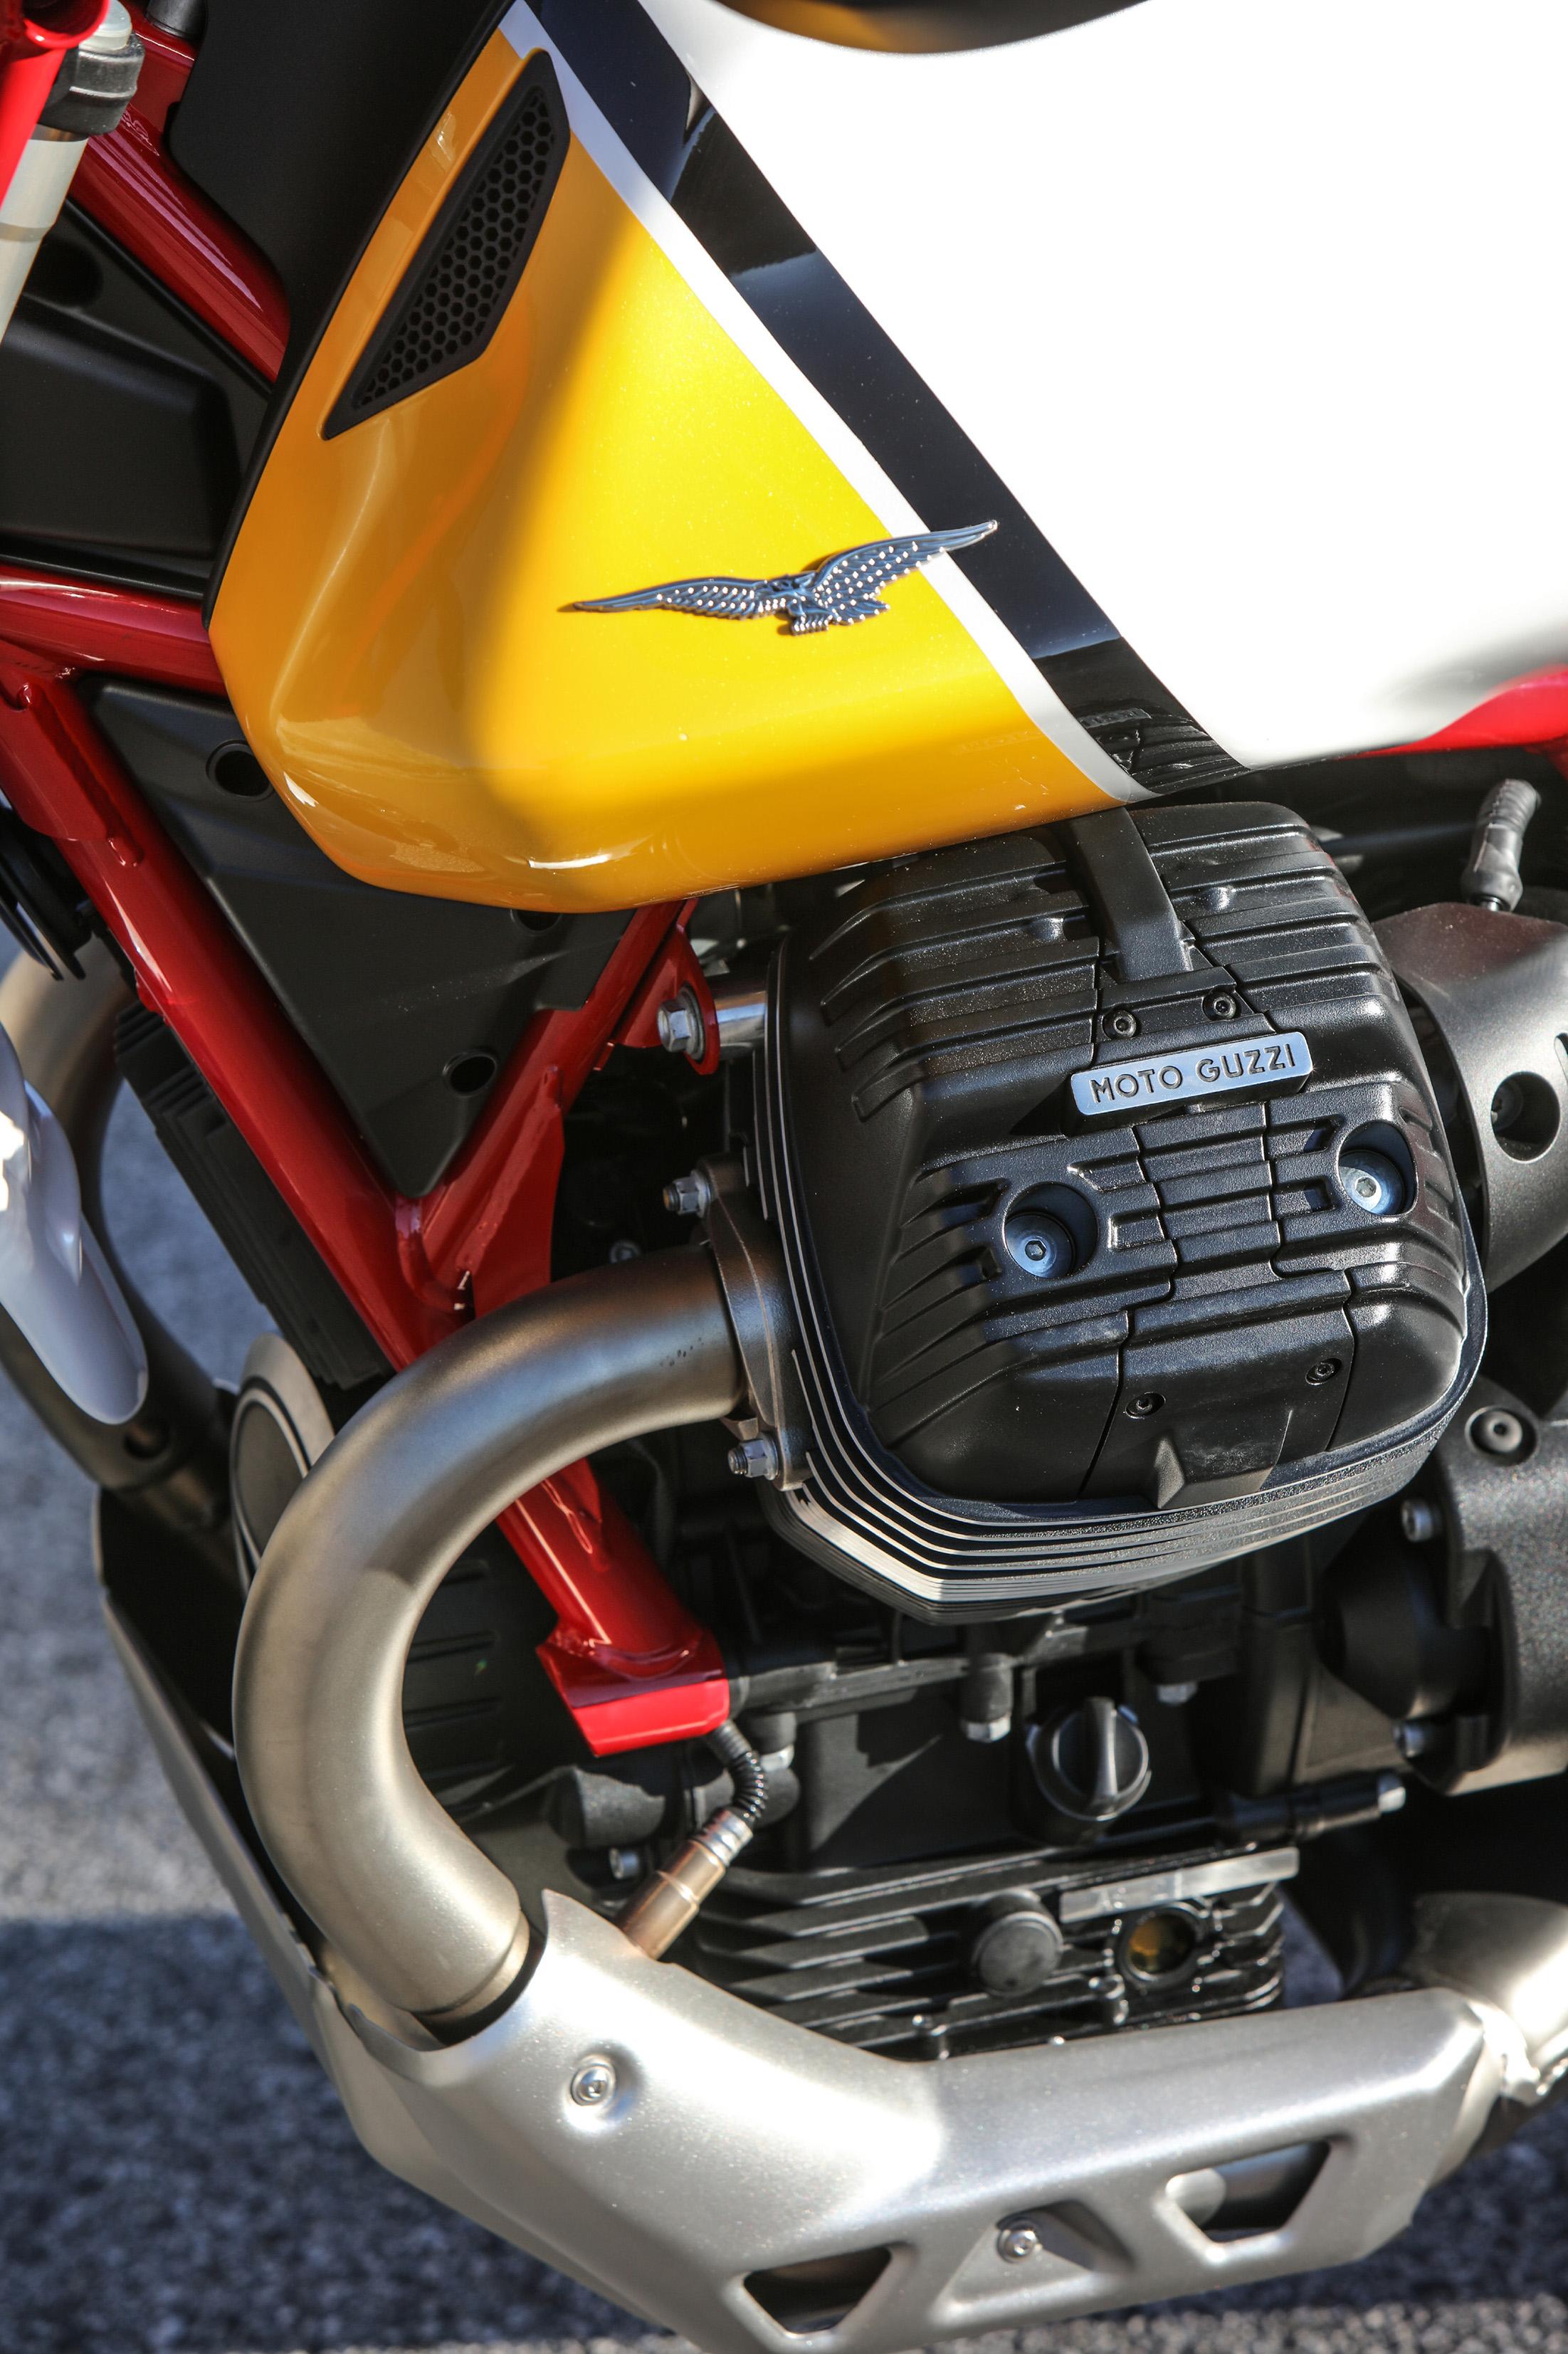 29 Moto Guzzi V85 TT